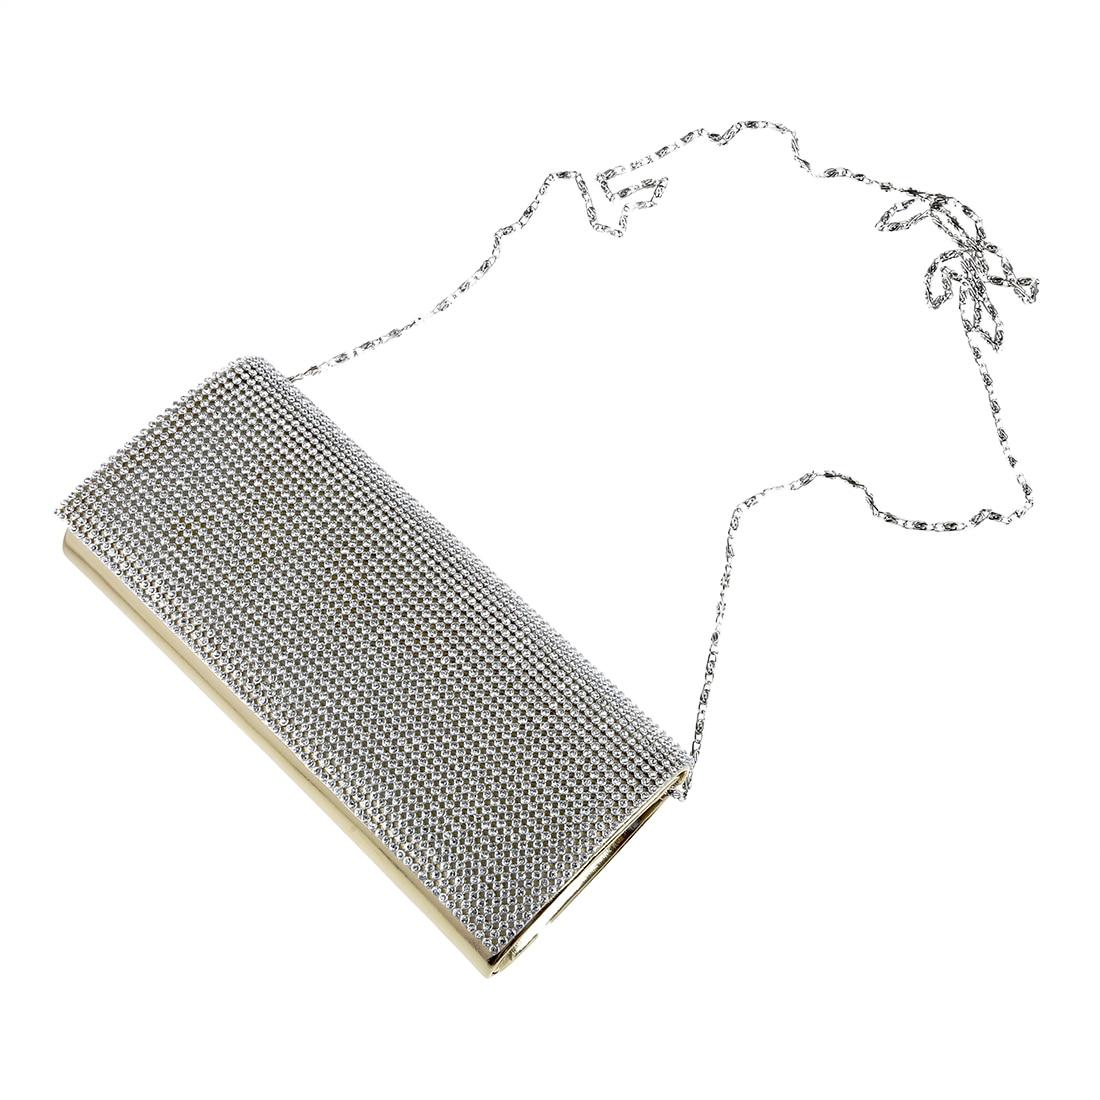 Кожа лак Rabat комплект вечерняя сумочка кошелек со стразами для женщин Девушка Золото